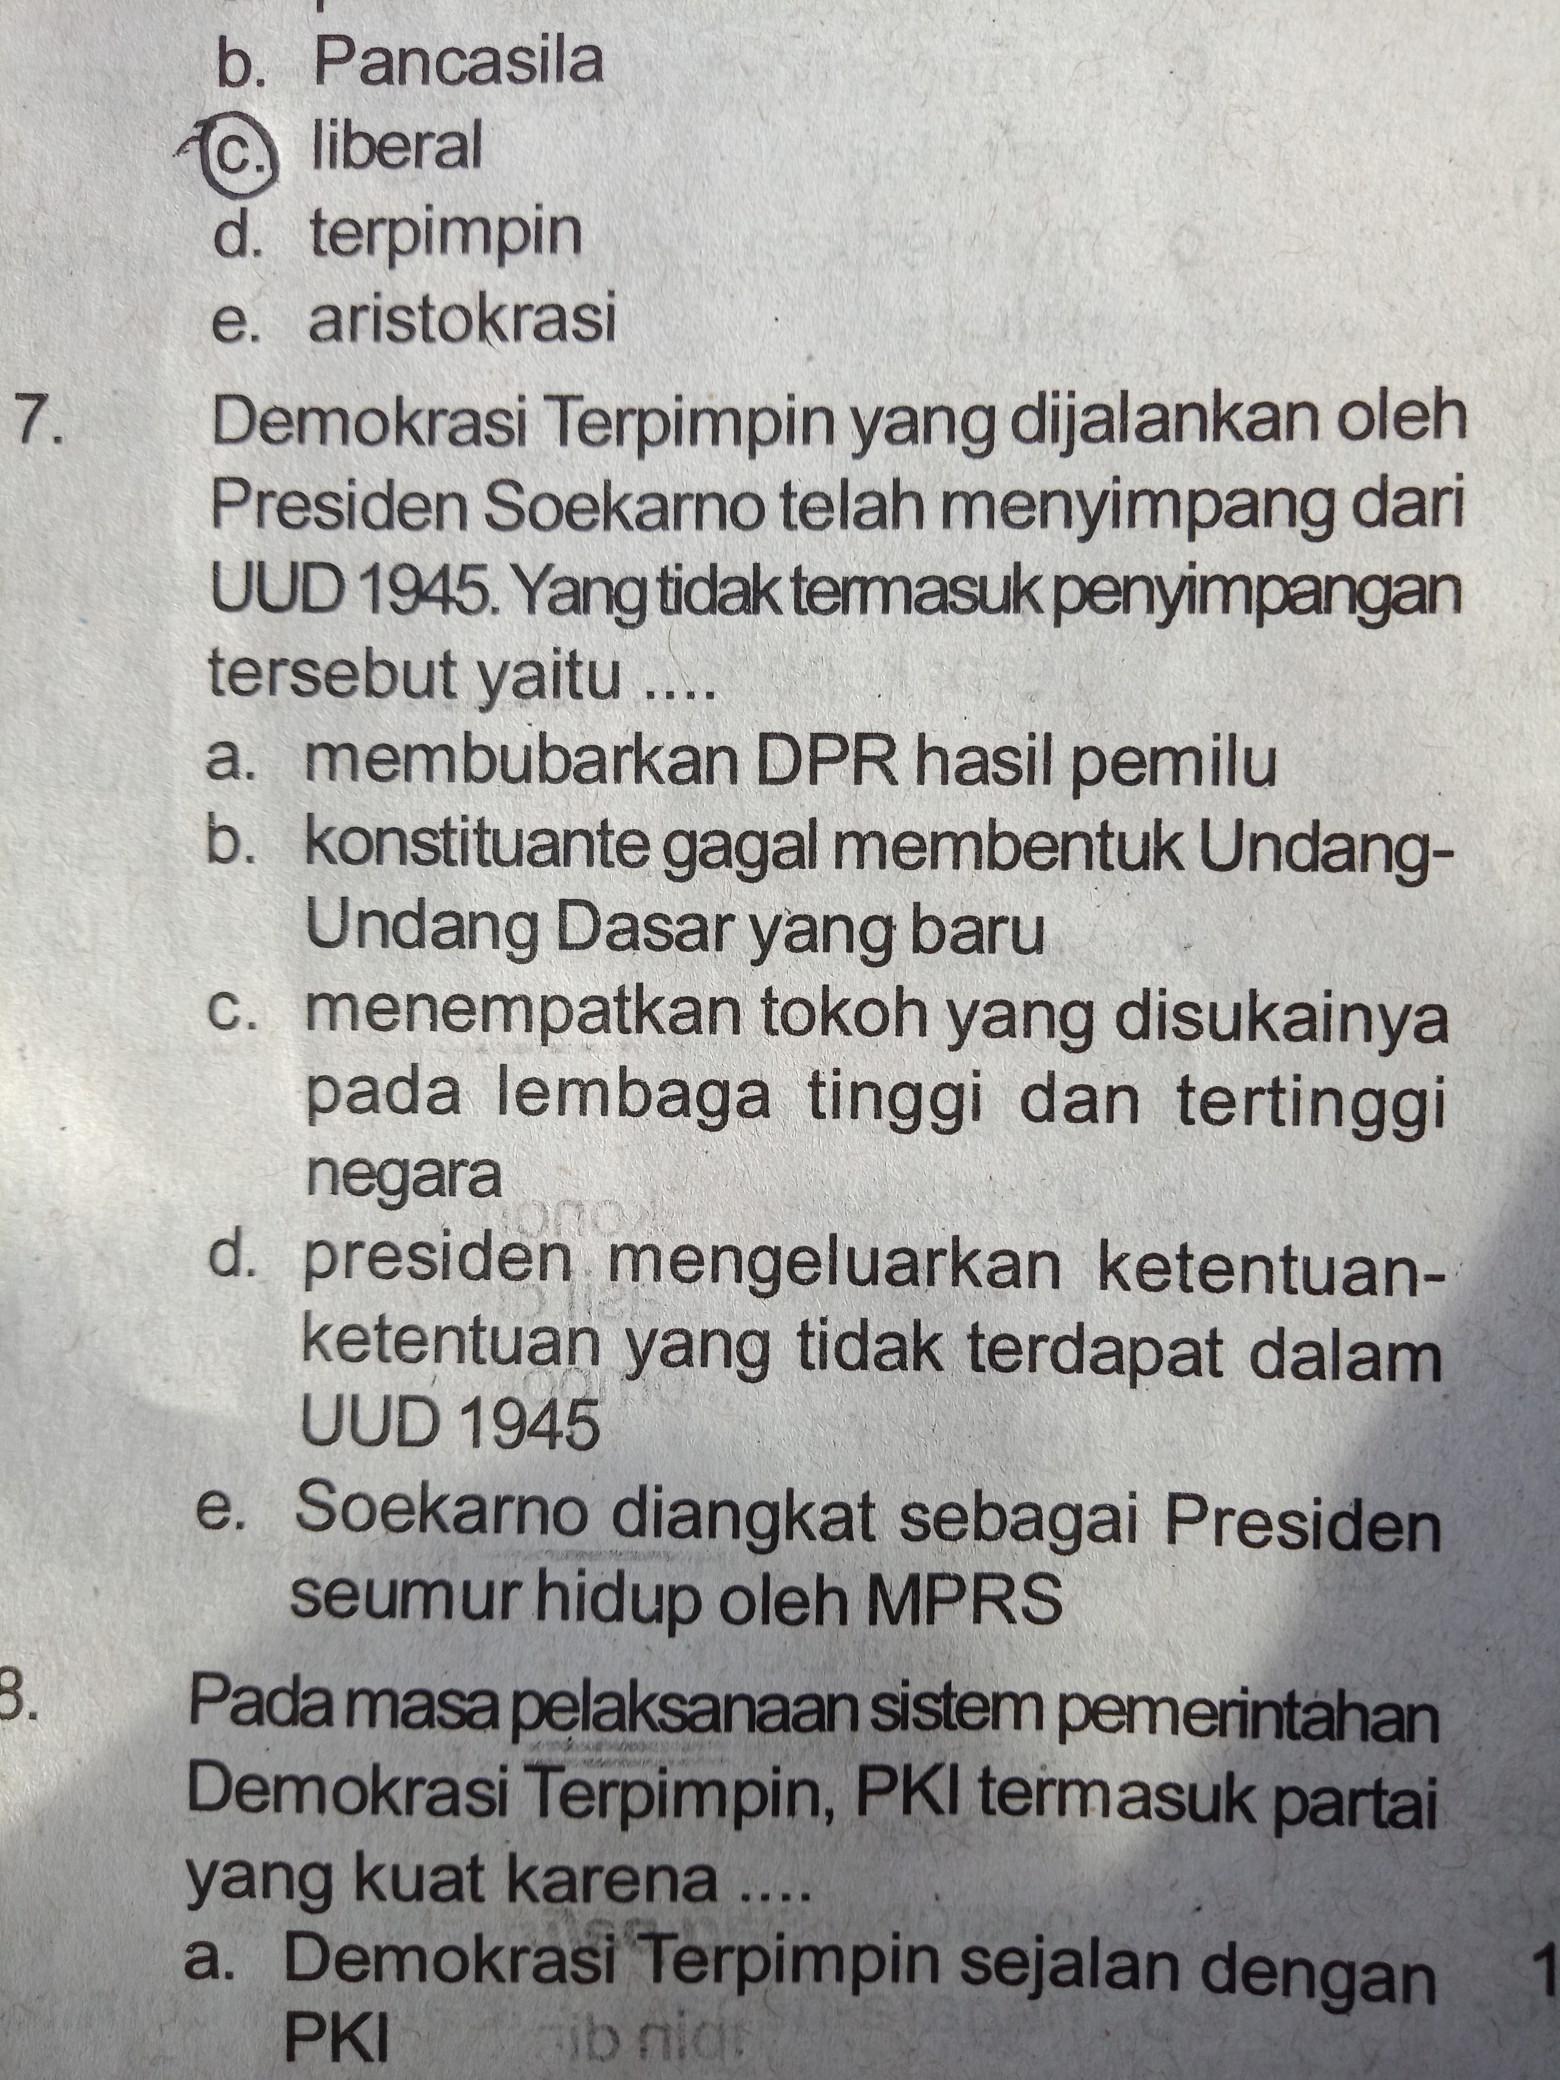 Penyimpangan Pada Demokrasi Terpimpin : penyimpangan, demokrasi, terpimpin, Demokrasi, Terpimpin, Dijalankan, Presiden, Soekarno, Telah, Menyimpang, Tidak, Termasuk, Brainly.co.id